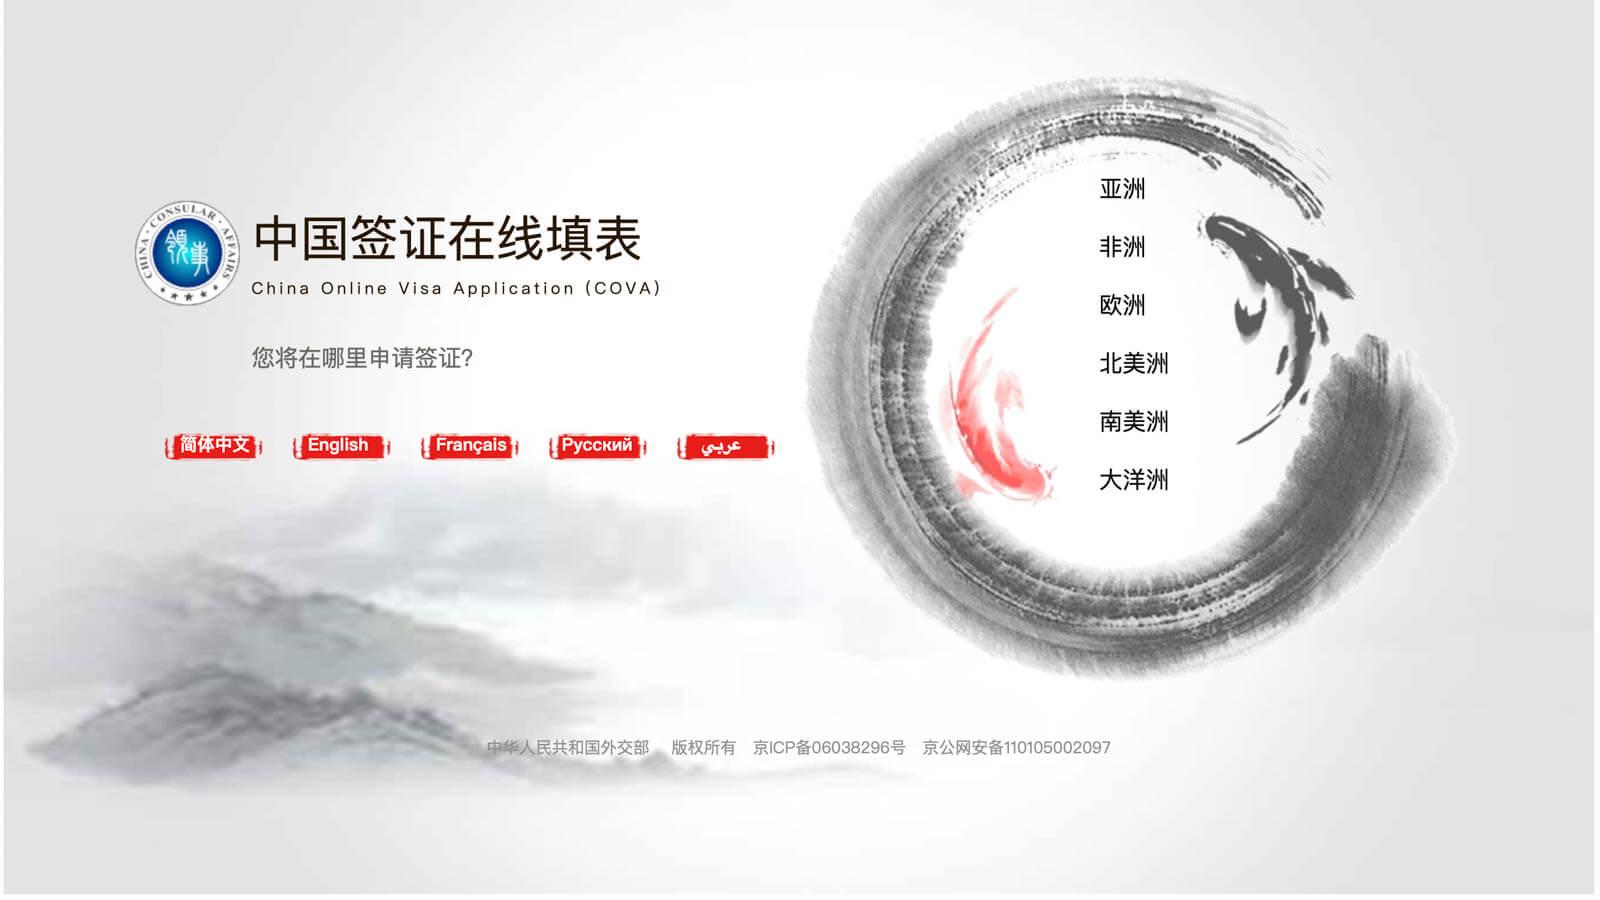 【速報】中国入国ビザはオンライン申請に:8月から開始、9月以降は完全オンライン化